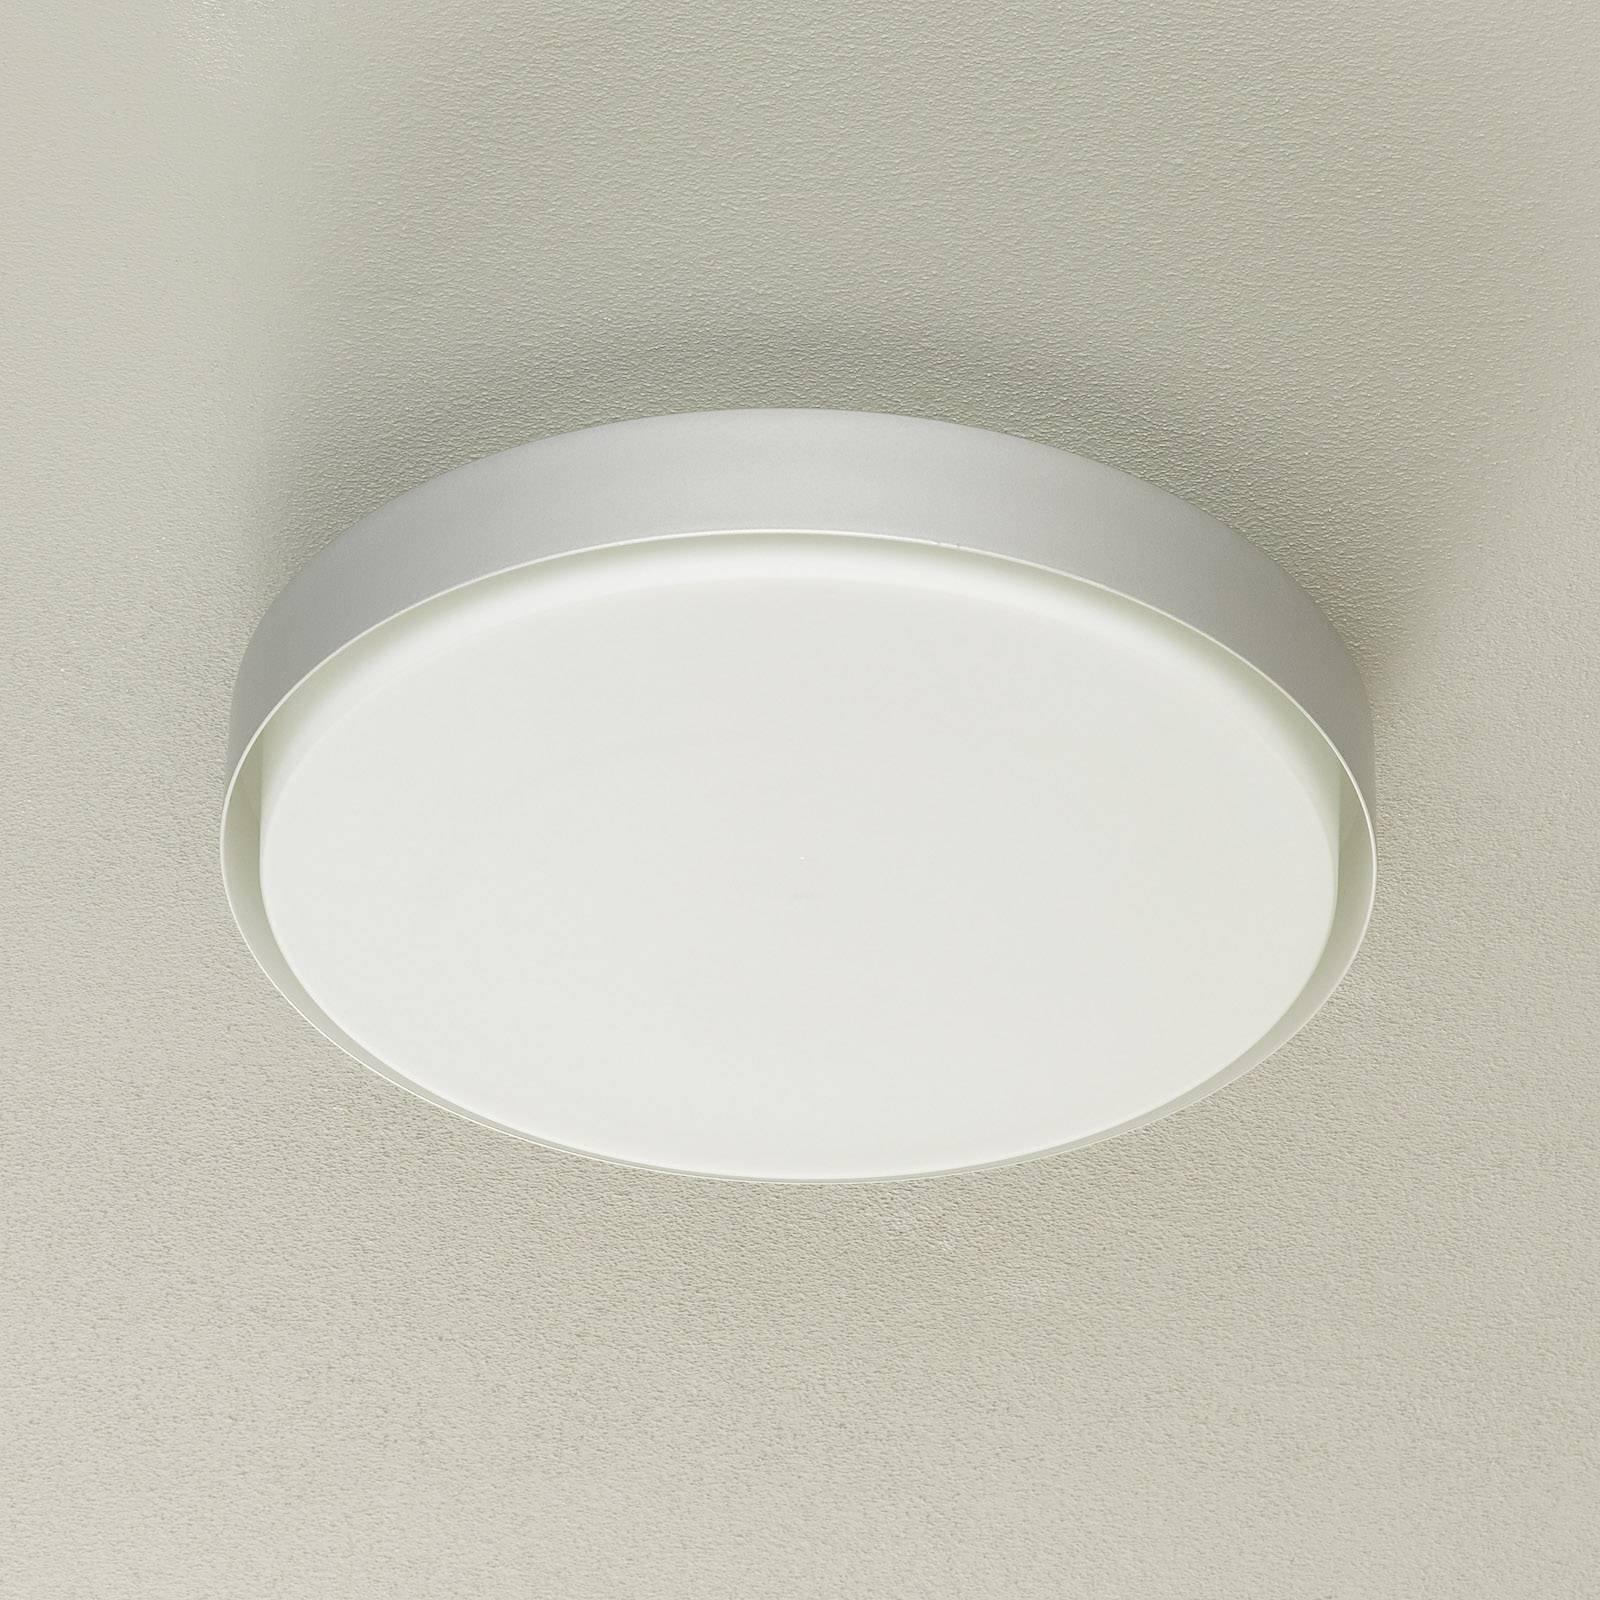 BEGA 34279 LED-taklampe, alu, Ø 42 cm, DALI